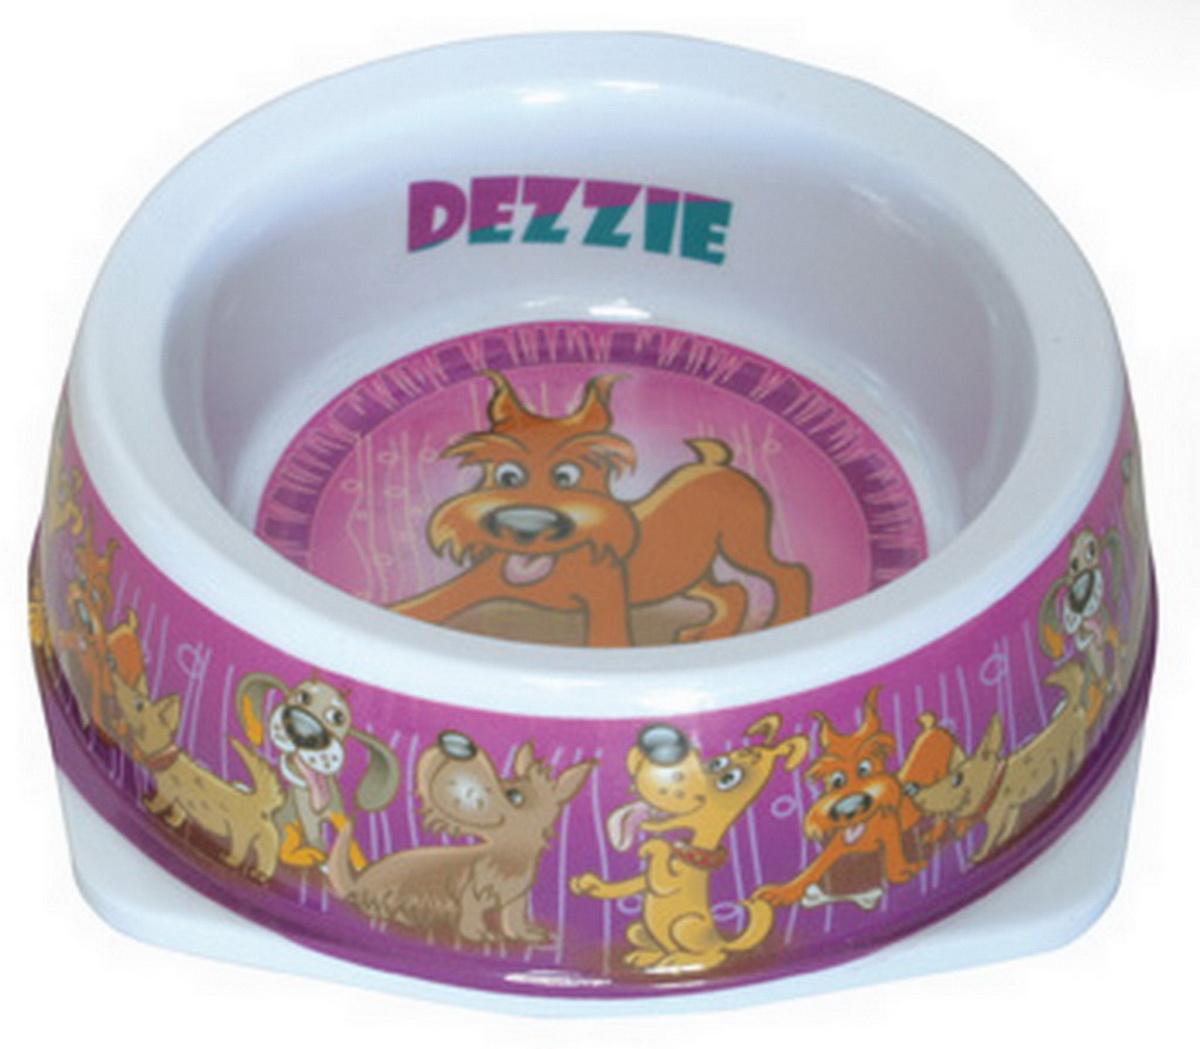 Миска для собак Dezzie Азарт, 150мл5619045Миска для собак с ярким рисунком с внешней стороны и на дне. Имеет резиновые антискользящие вставки.